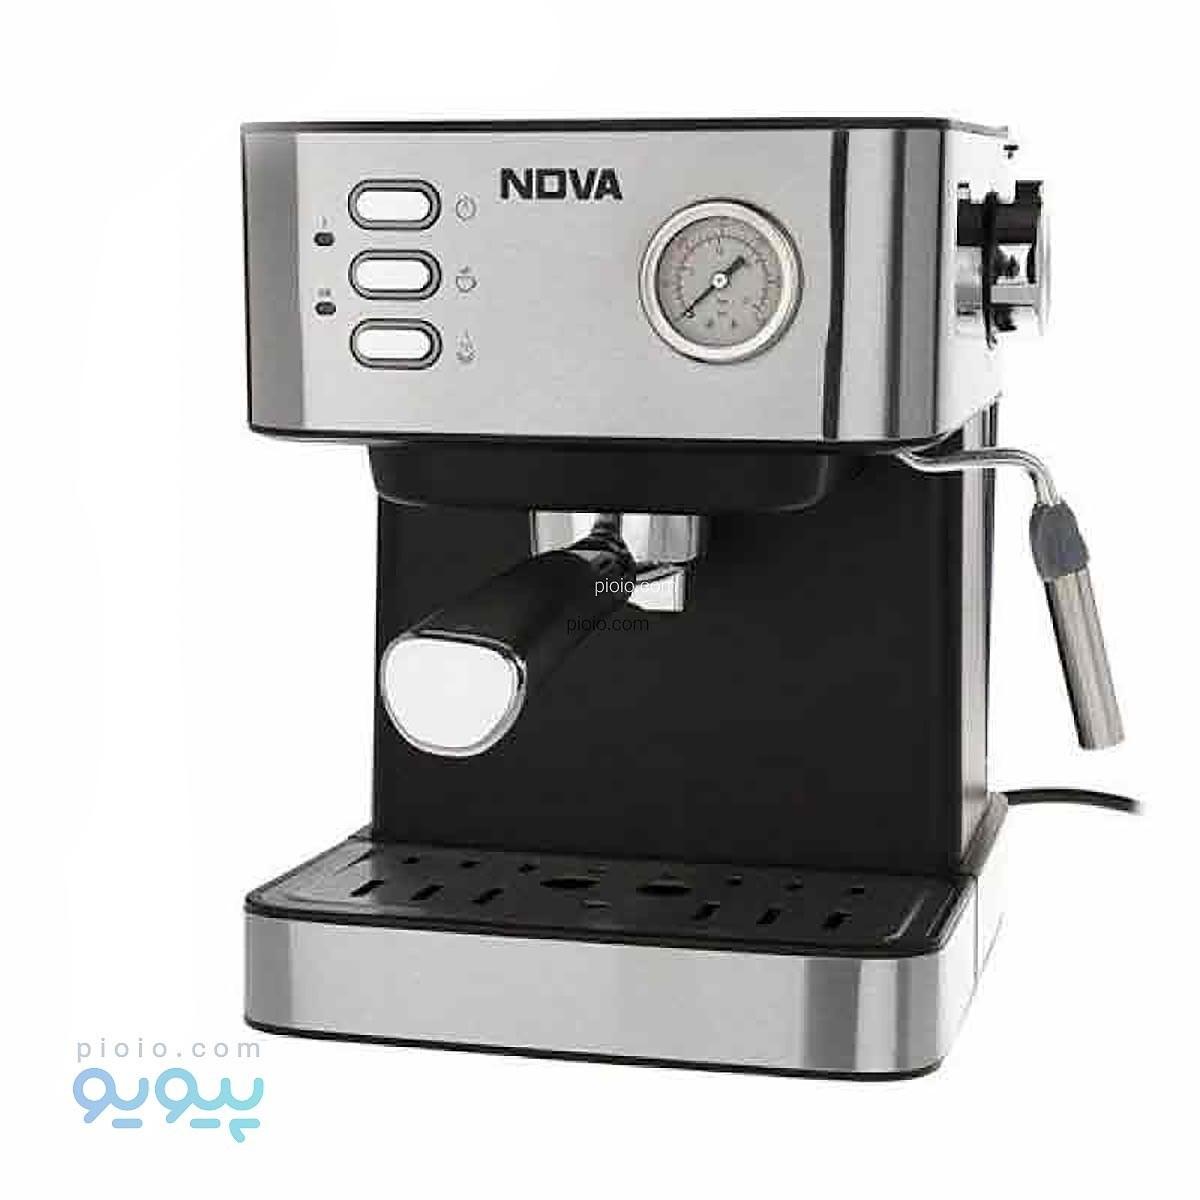 عکس اسپرسوساز نوا مدل NOVA 147 NOVA 147 Espresso Maker اسپرسوساز-نوا-مدل-nova-147